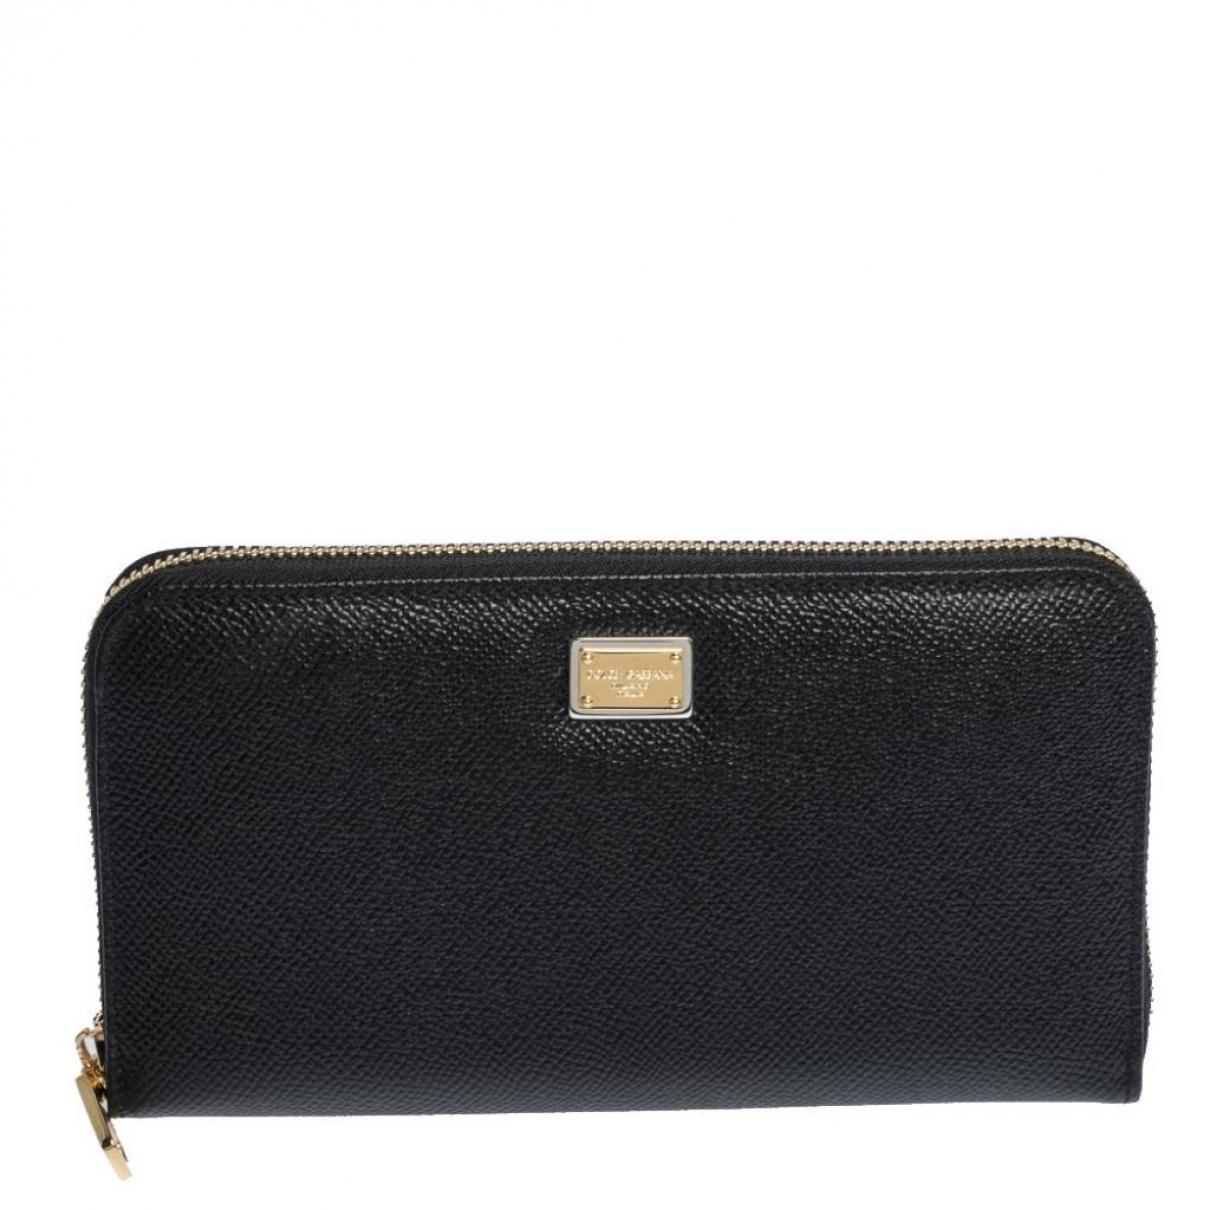 Dolce & Gabbana - Portefeuille   pour femme en cuir - noir